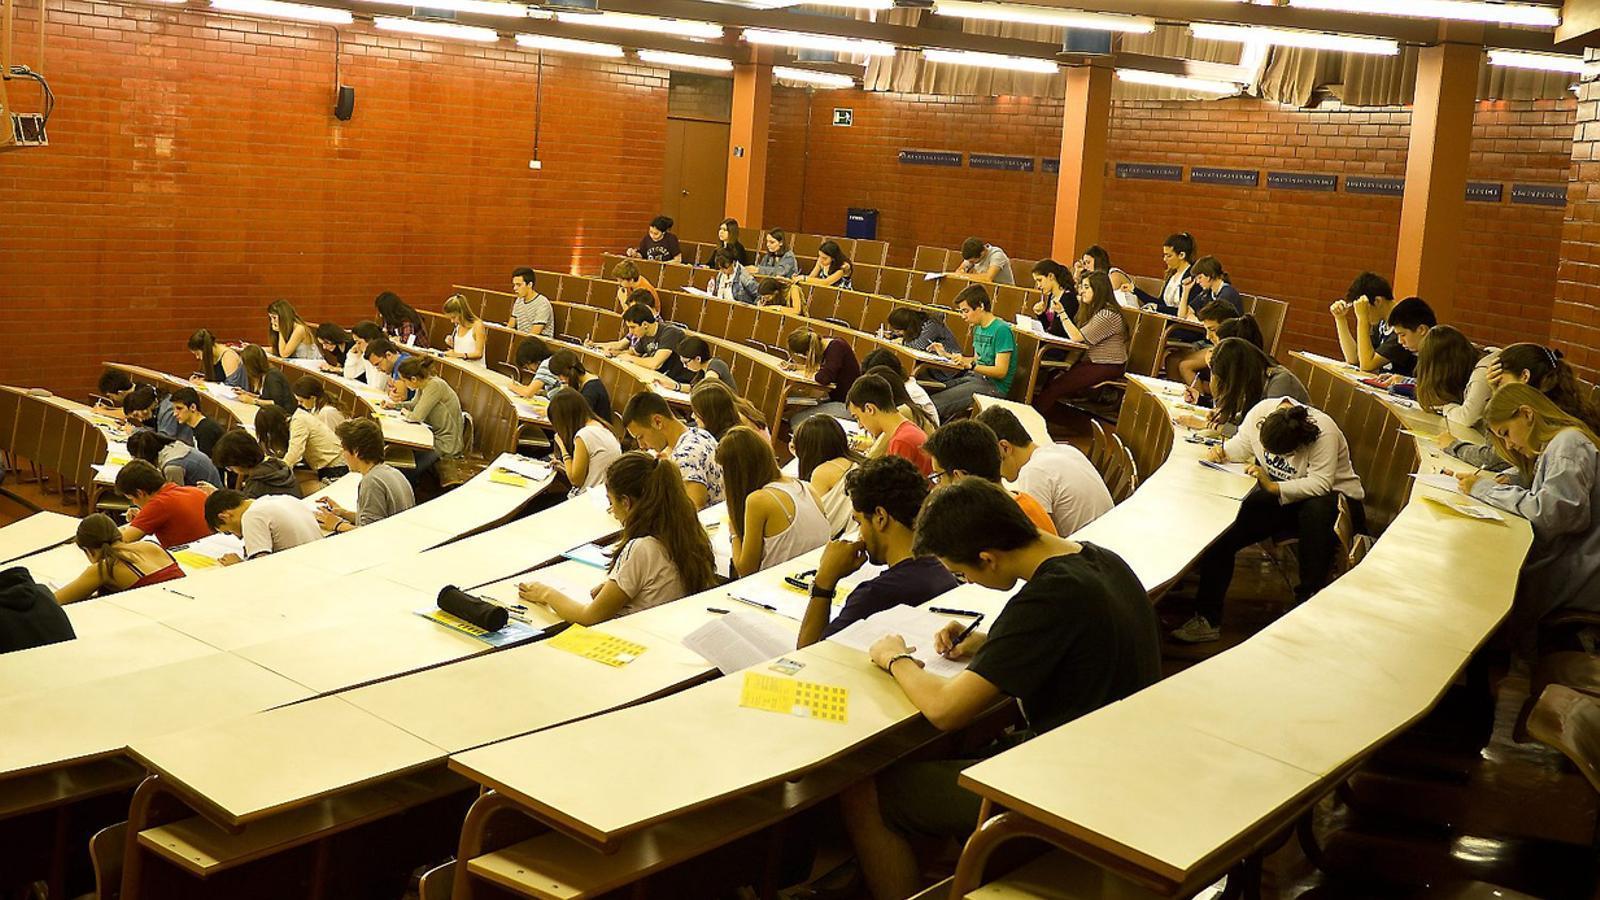 Les 5 universitats públiques valencianes fan aquesta setmana les proves d'accés a la universitat.